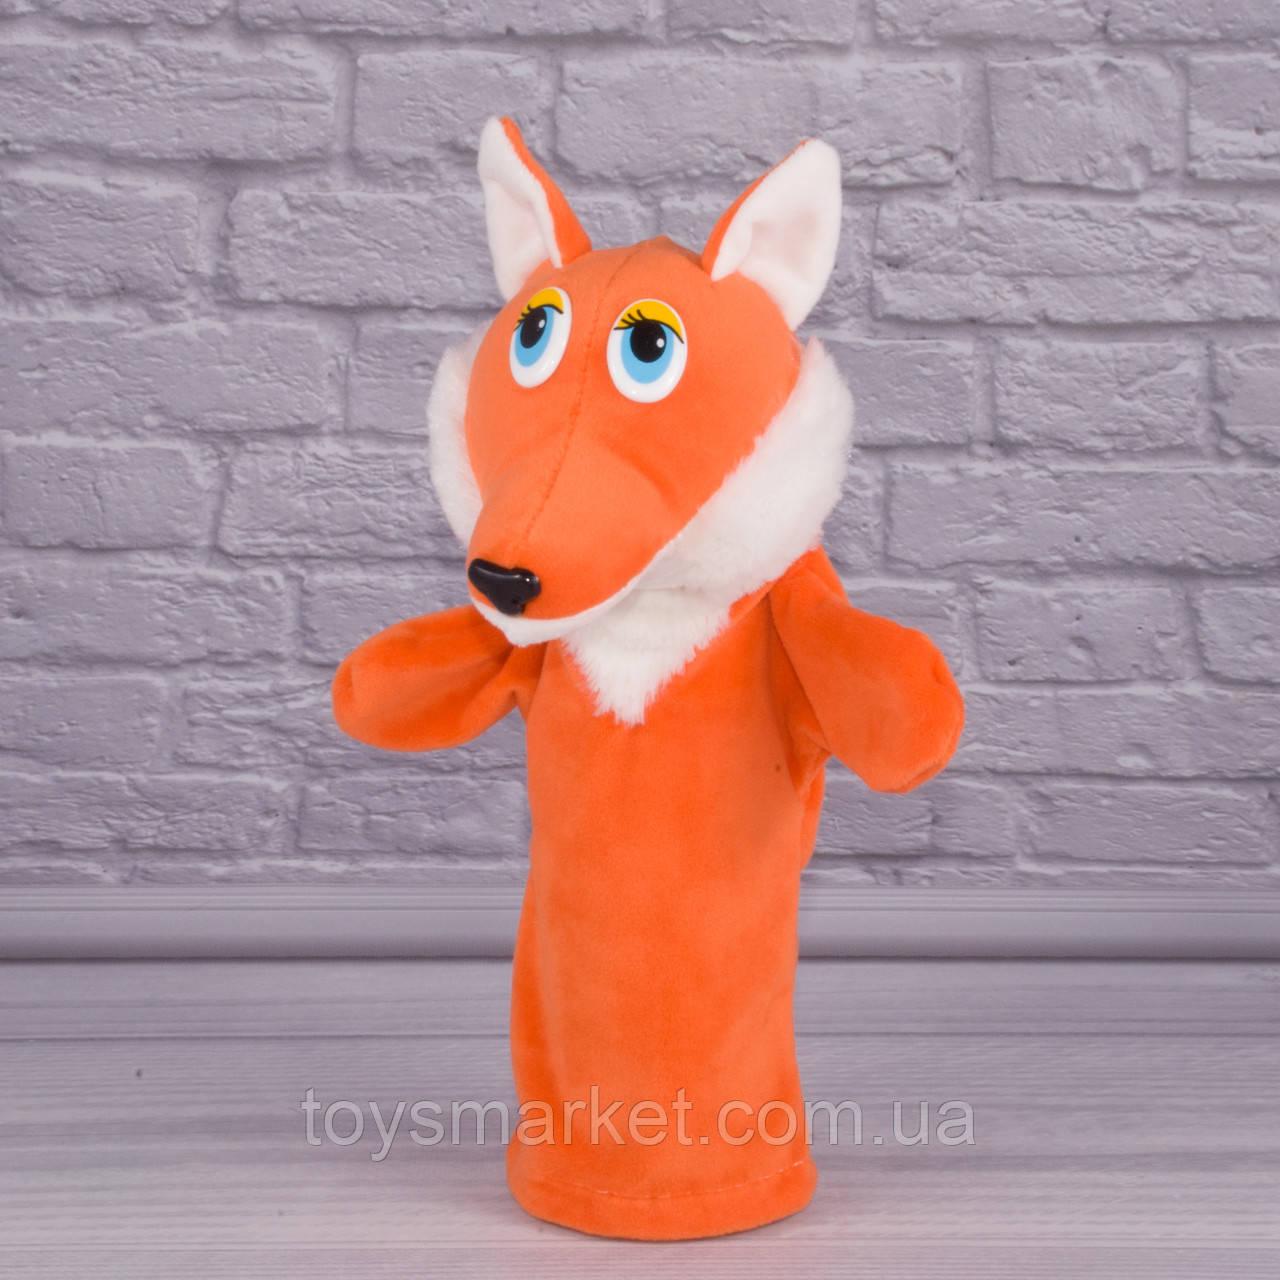 Игрушка рукавичка для кукольного театра Лисичка, кукла перчатка на руку